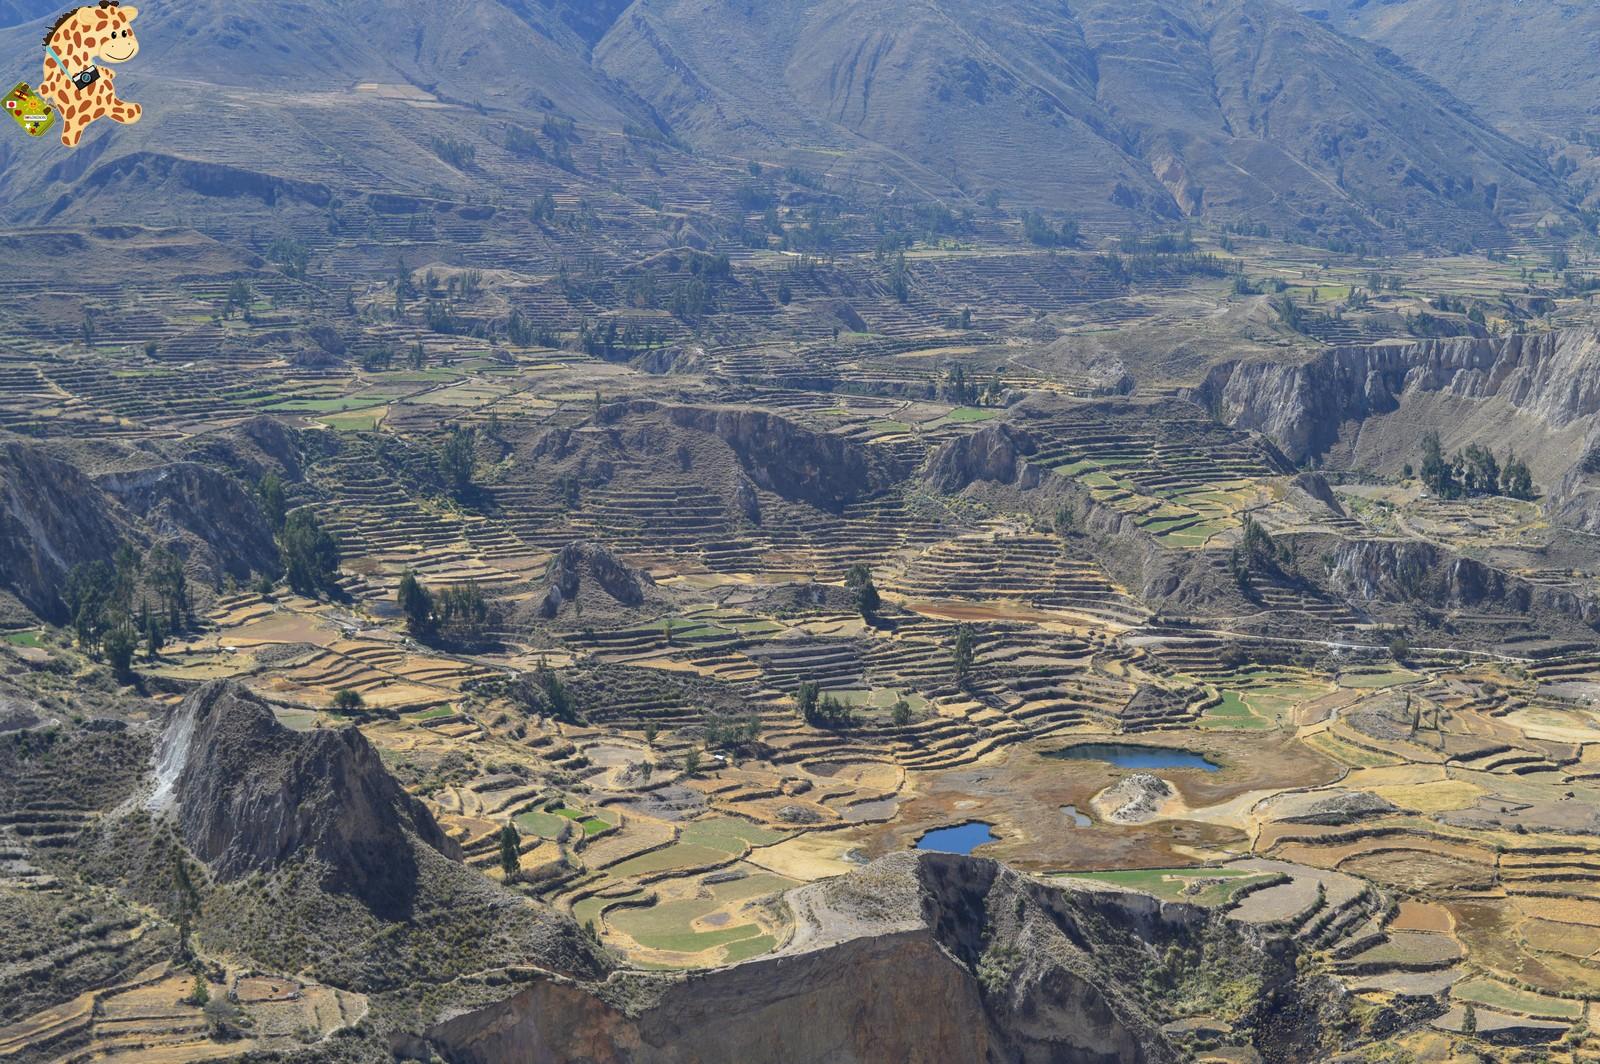 Qué ver en el Valle del Colca?